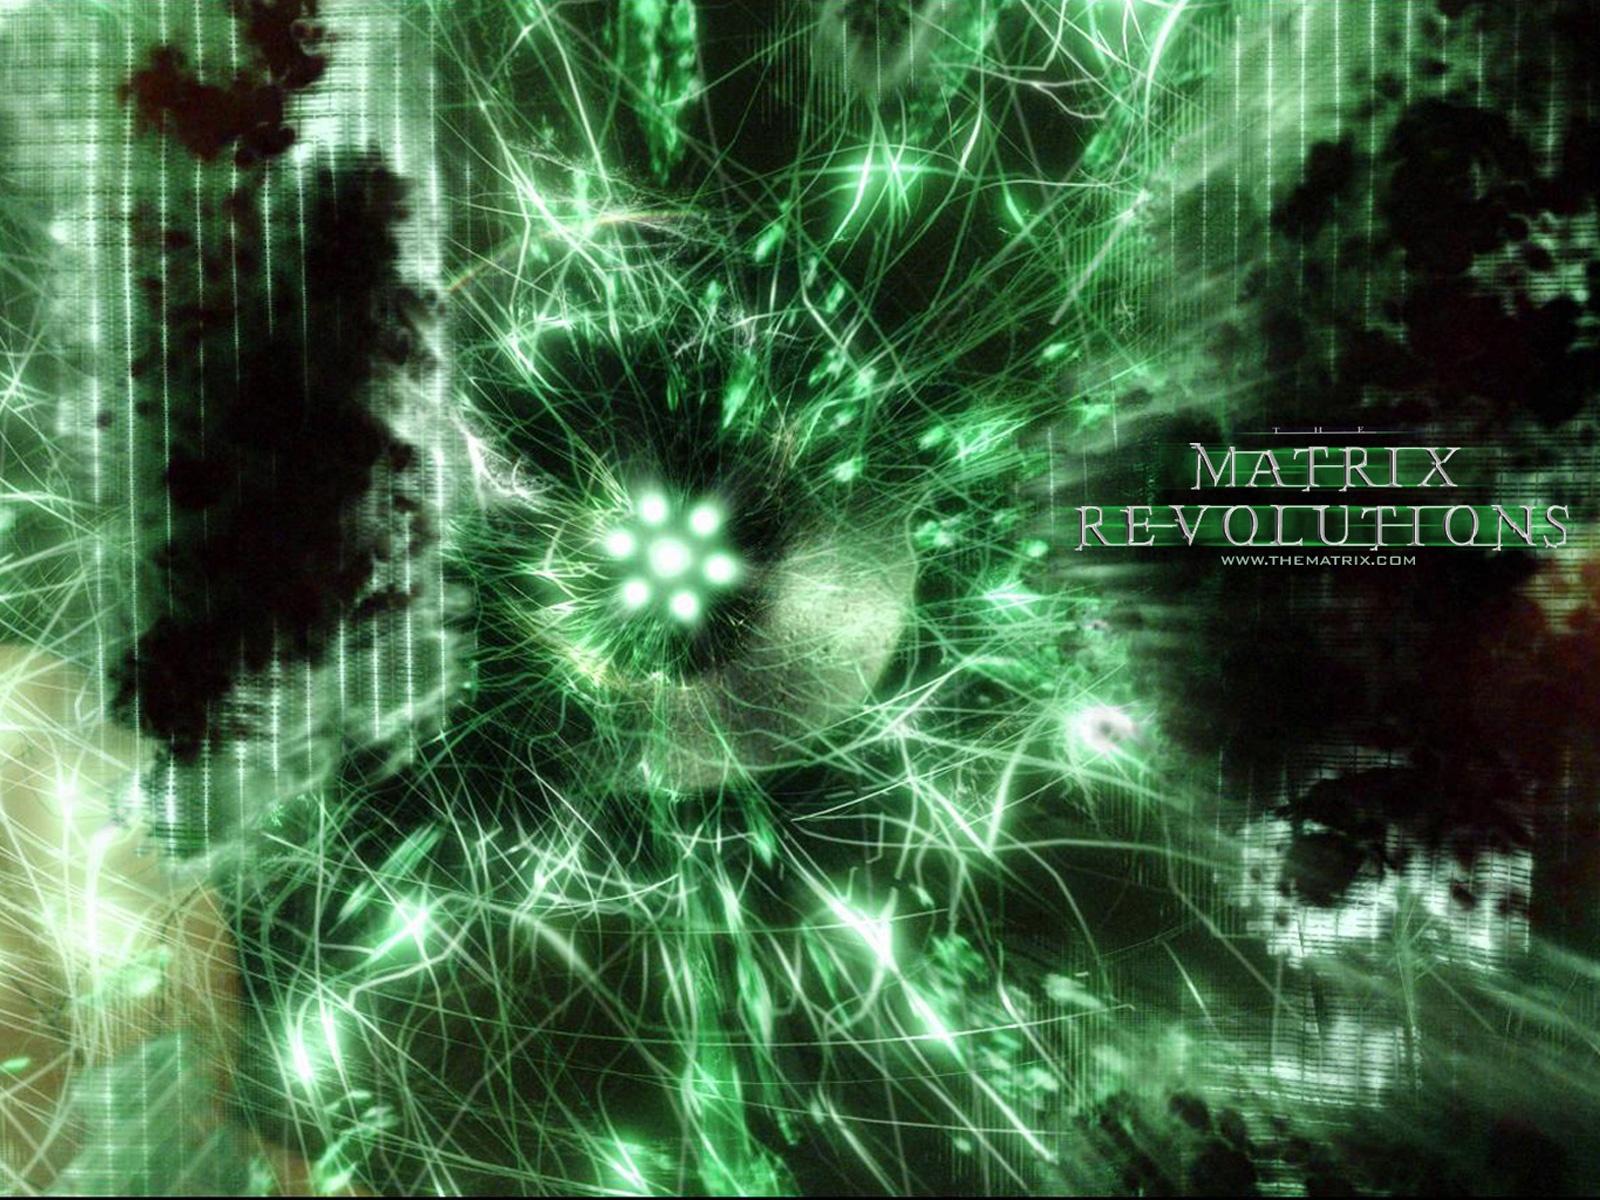 黑客帝国3:矩阵革命壁纸